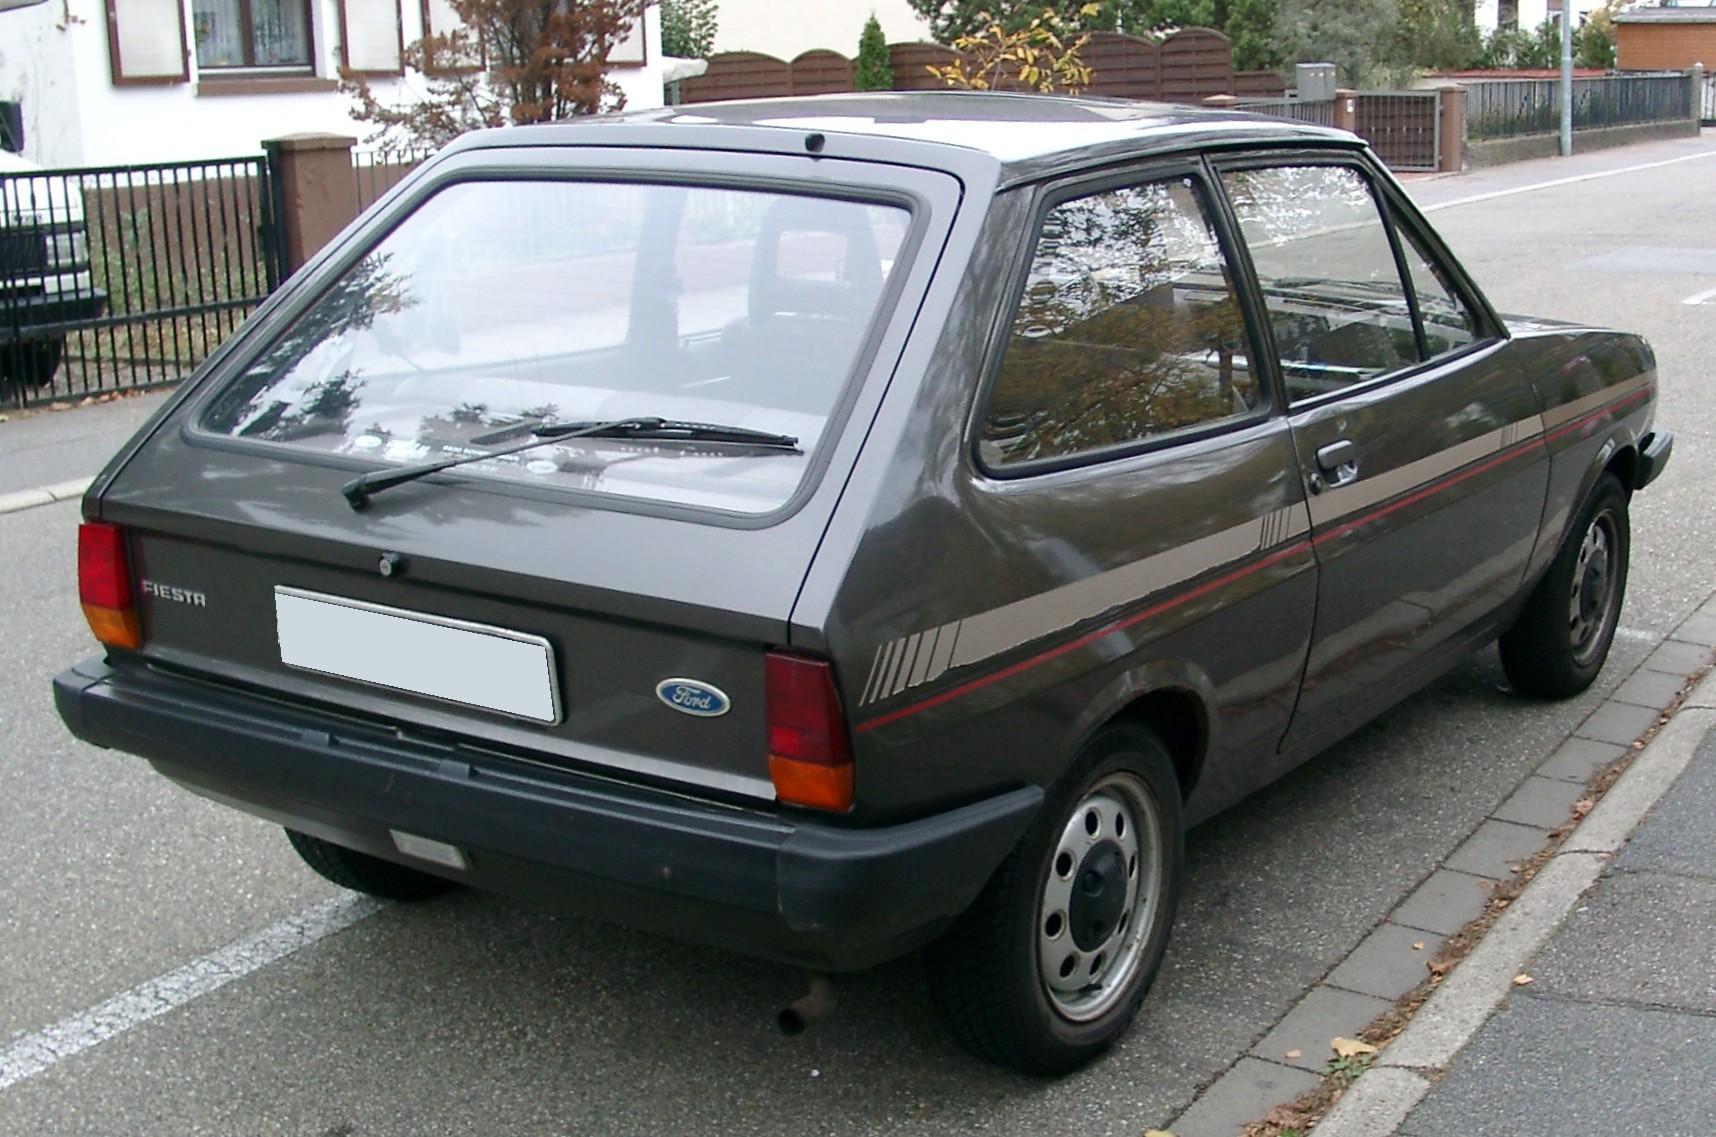 1981 bis August 1983, MK1